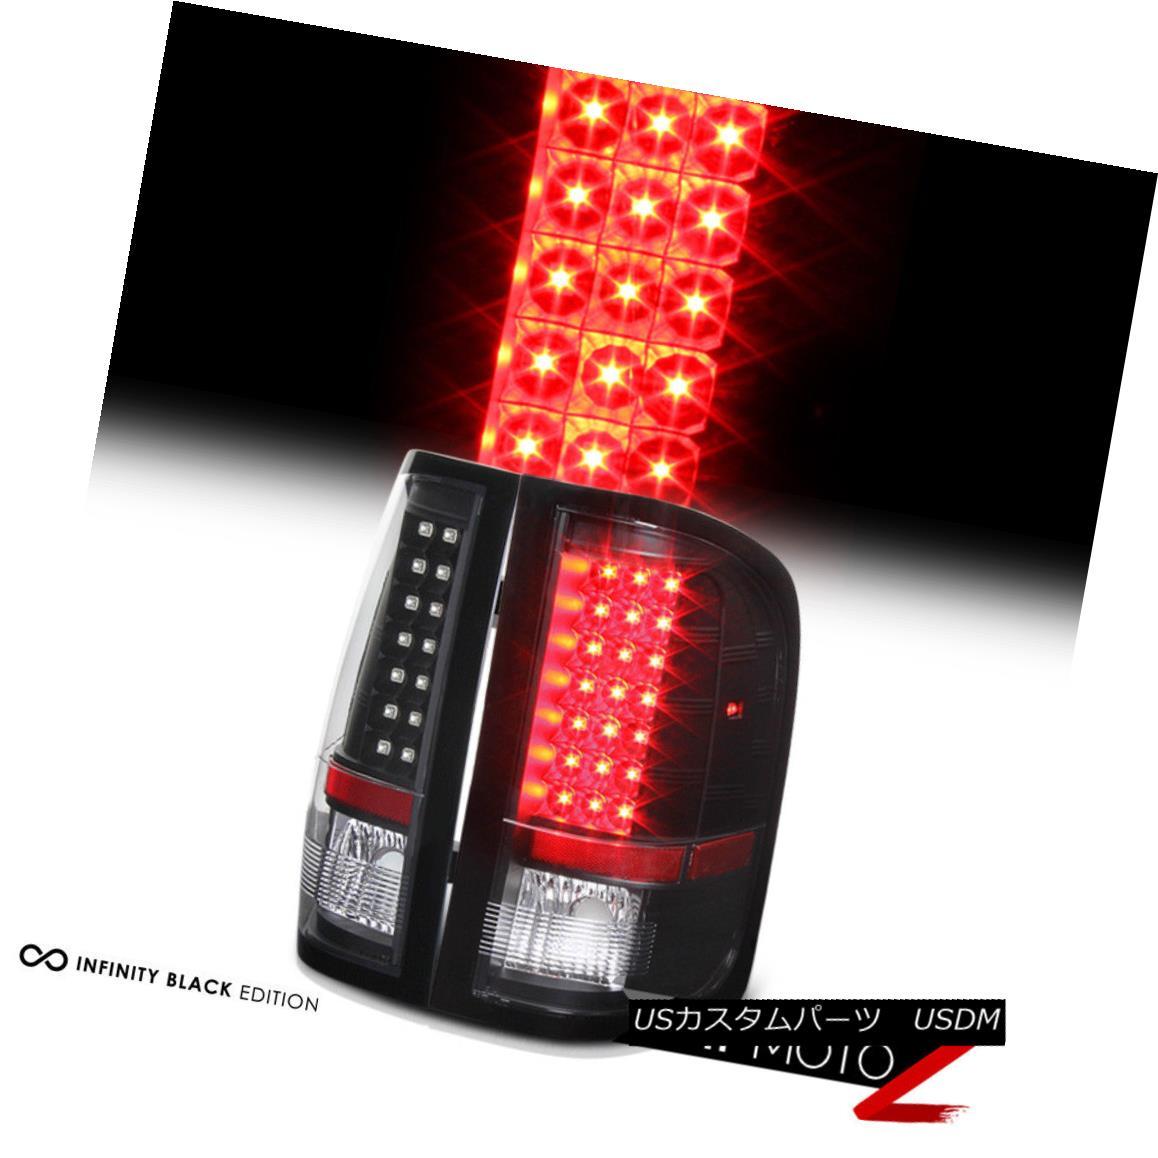 テールライト 1500 2007-2013 Chevy Silverado Tail V8 1500 2500HD 3500HD Black 2500HD LED Brake Tail Light Lamp 2007-2013シボレーシルバラードV8 1500 2500HD 3500HDブラックLEDブレーキテールライトランプ, LEDのマゴイチヤ:e47c49c5 --- officewill.xsrv.jp